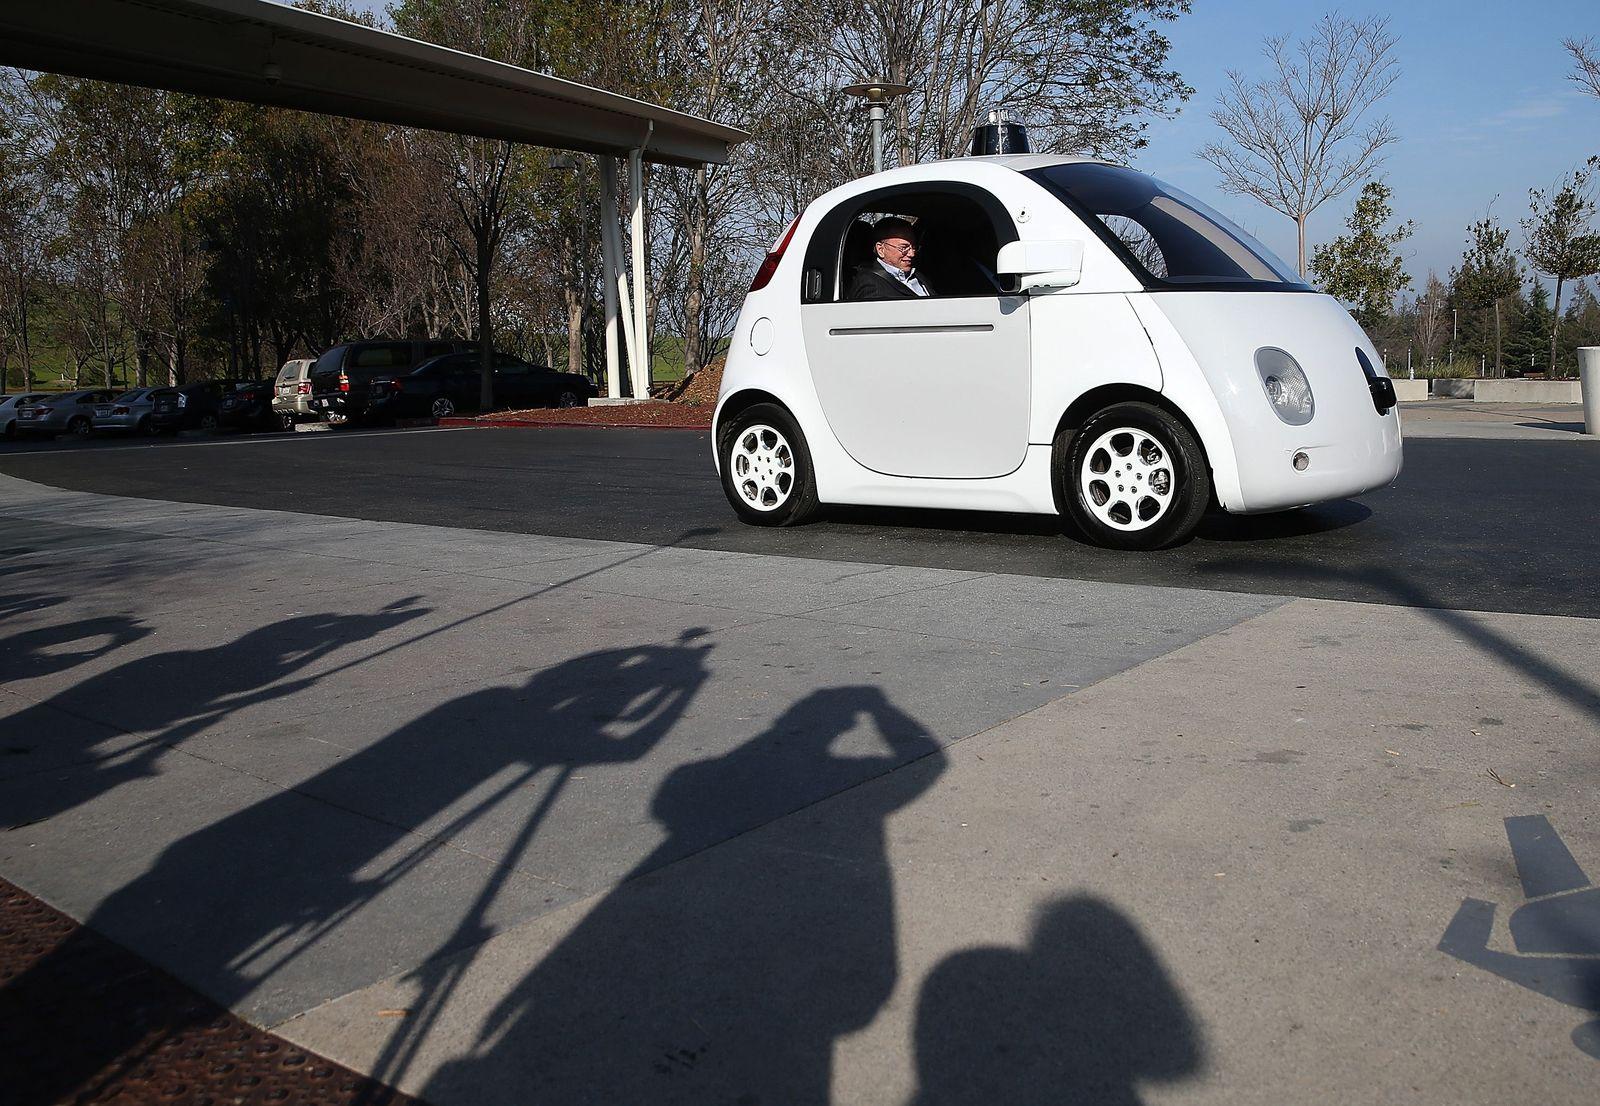 Auto der Zukunft / fahrerlos